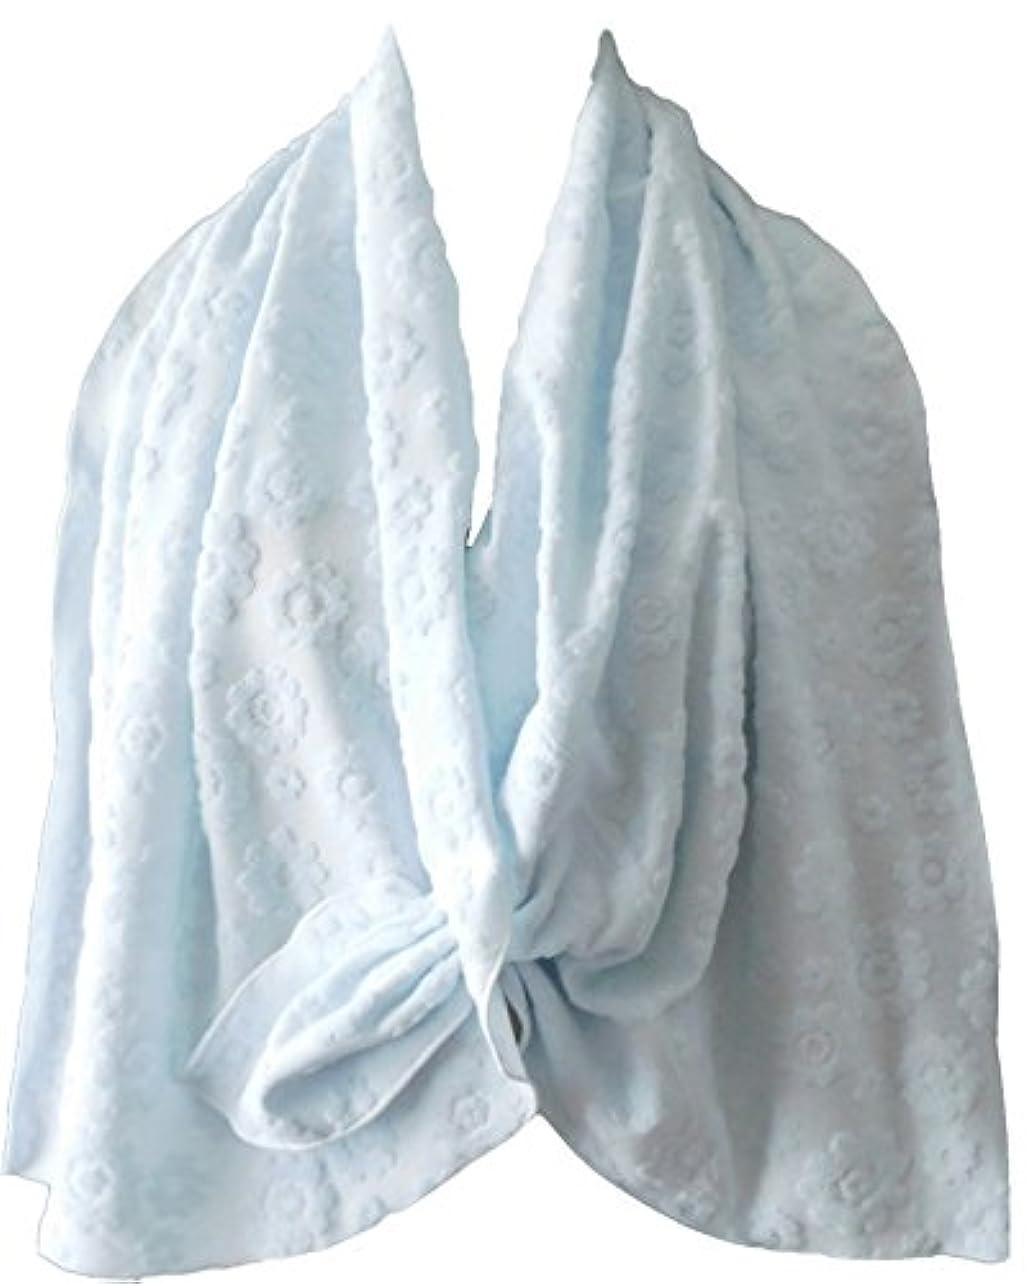 ギャラントリーパラナ川地域の乳がん術後 温泉旅行に <温泉タオルン> 単品 ブルー 温泉タオル 巻きタオル ラップタオル プリンセスのんの